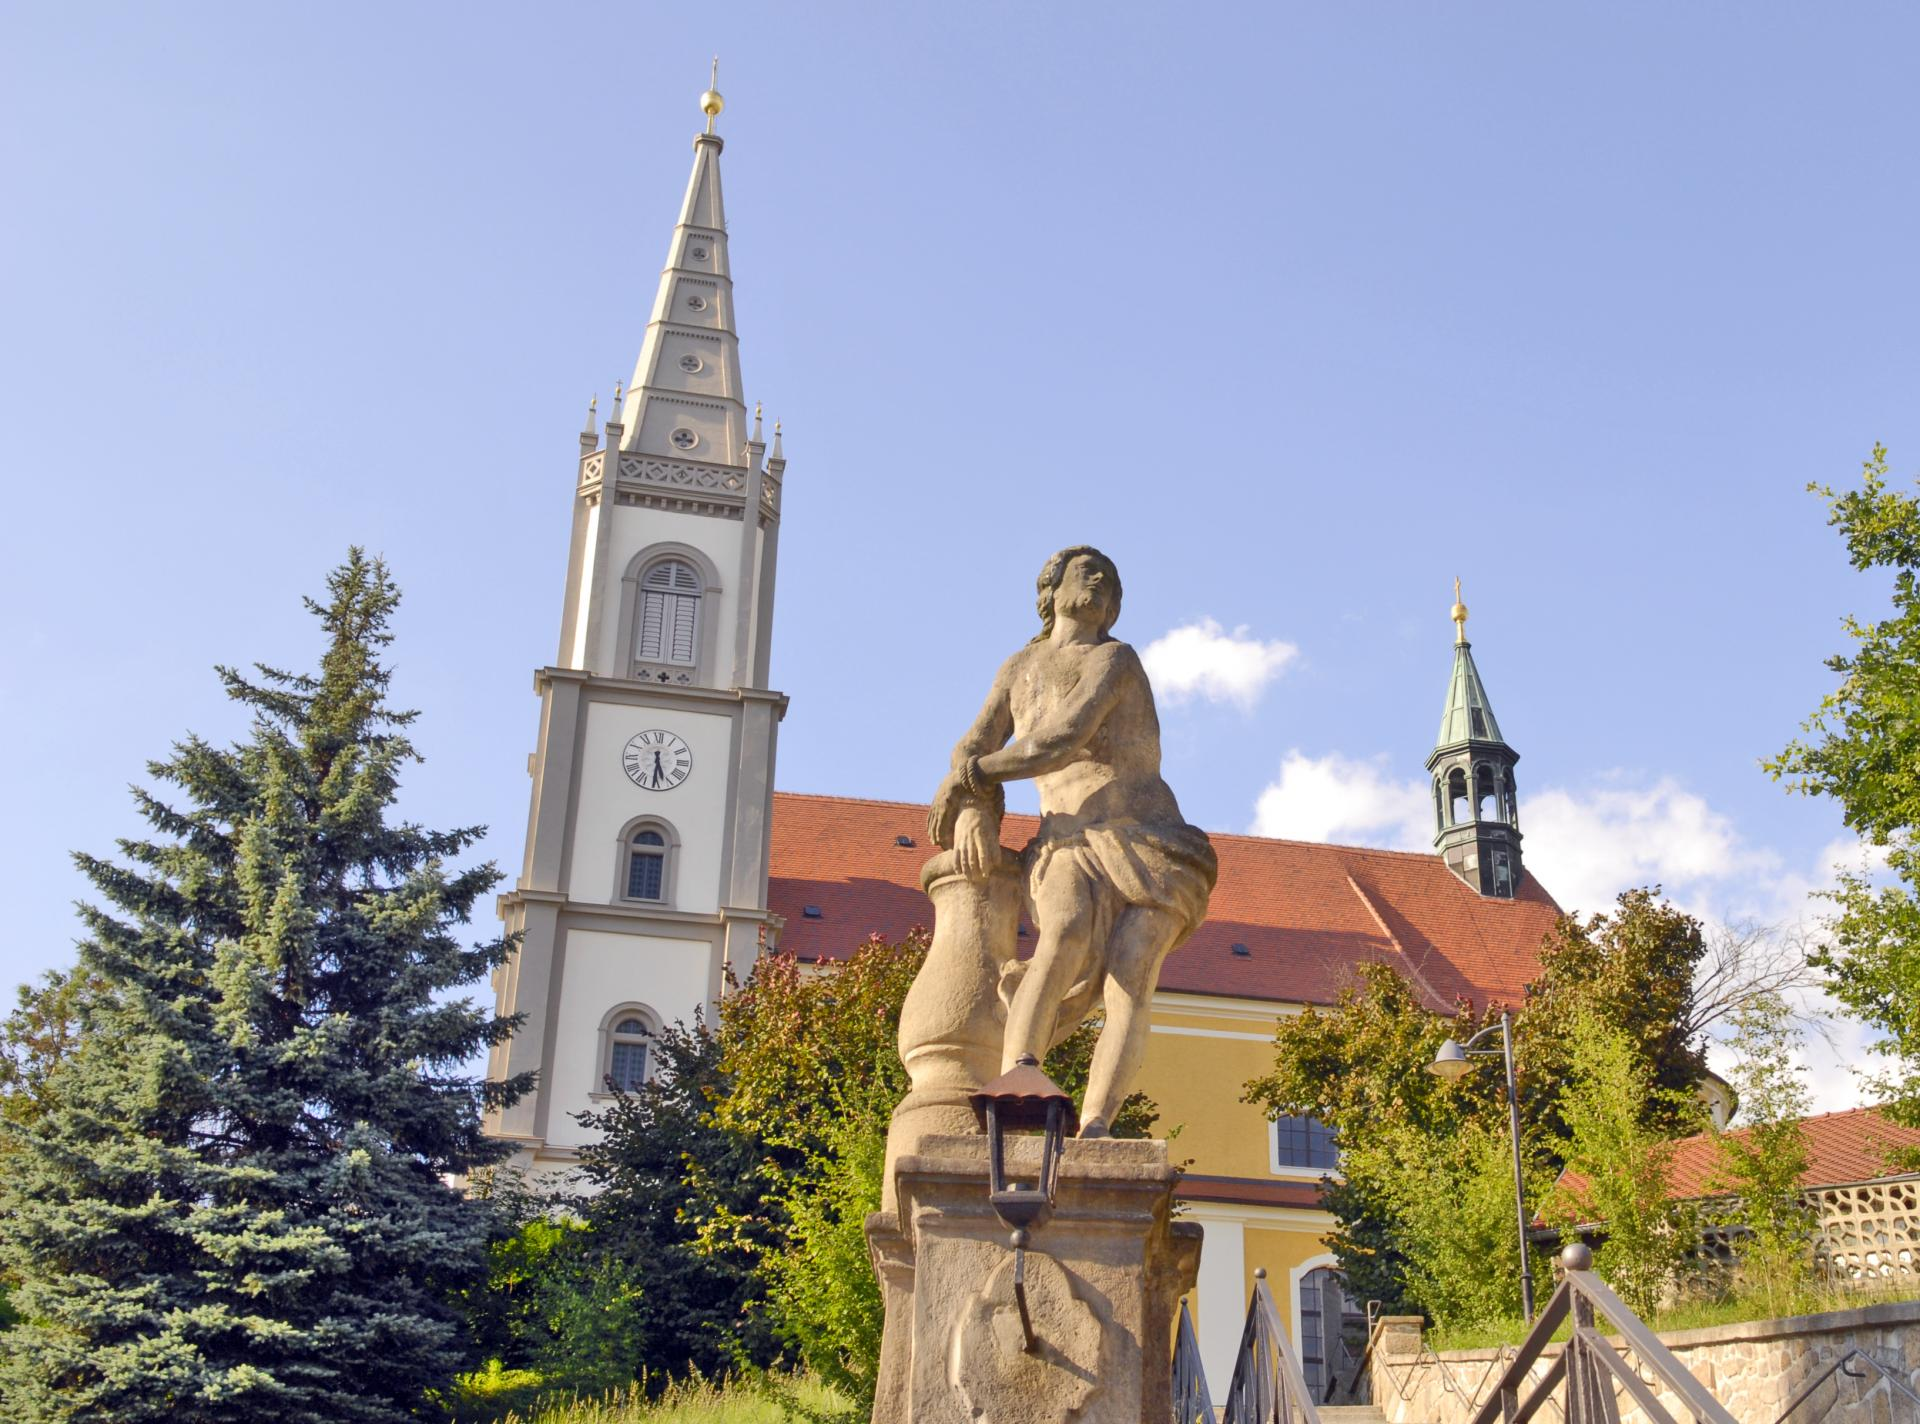 Mariä Himmelfahrt Kirche Schirgiswalde